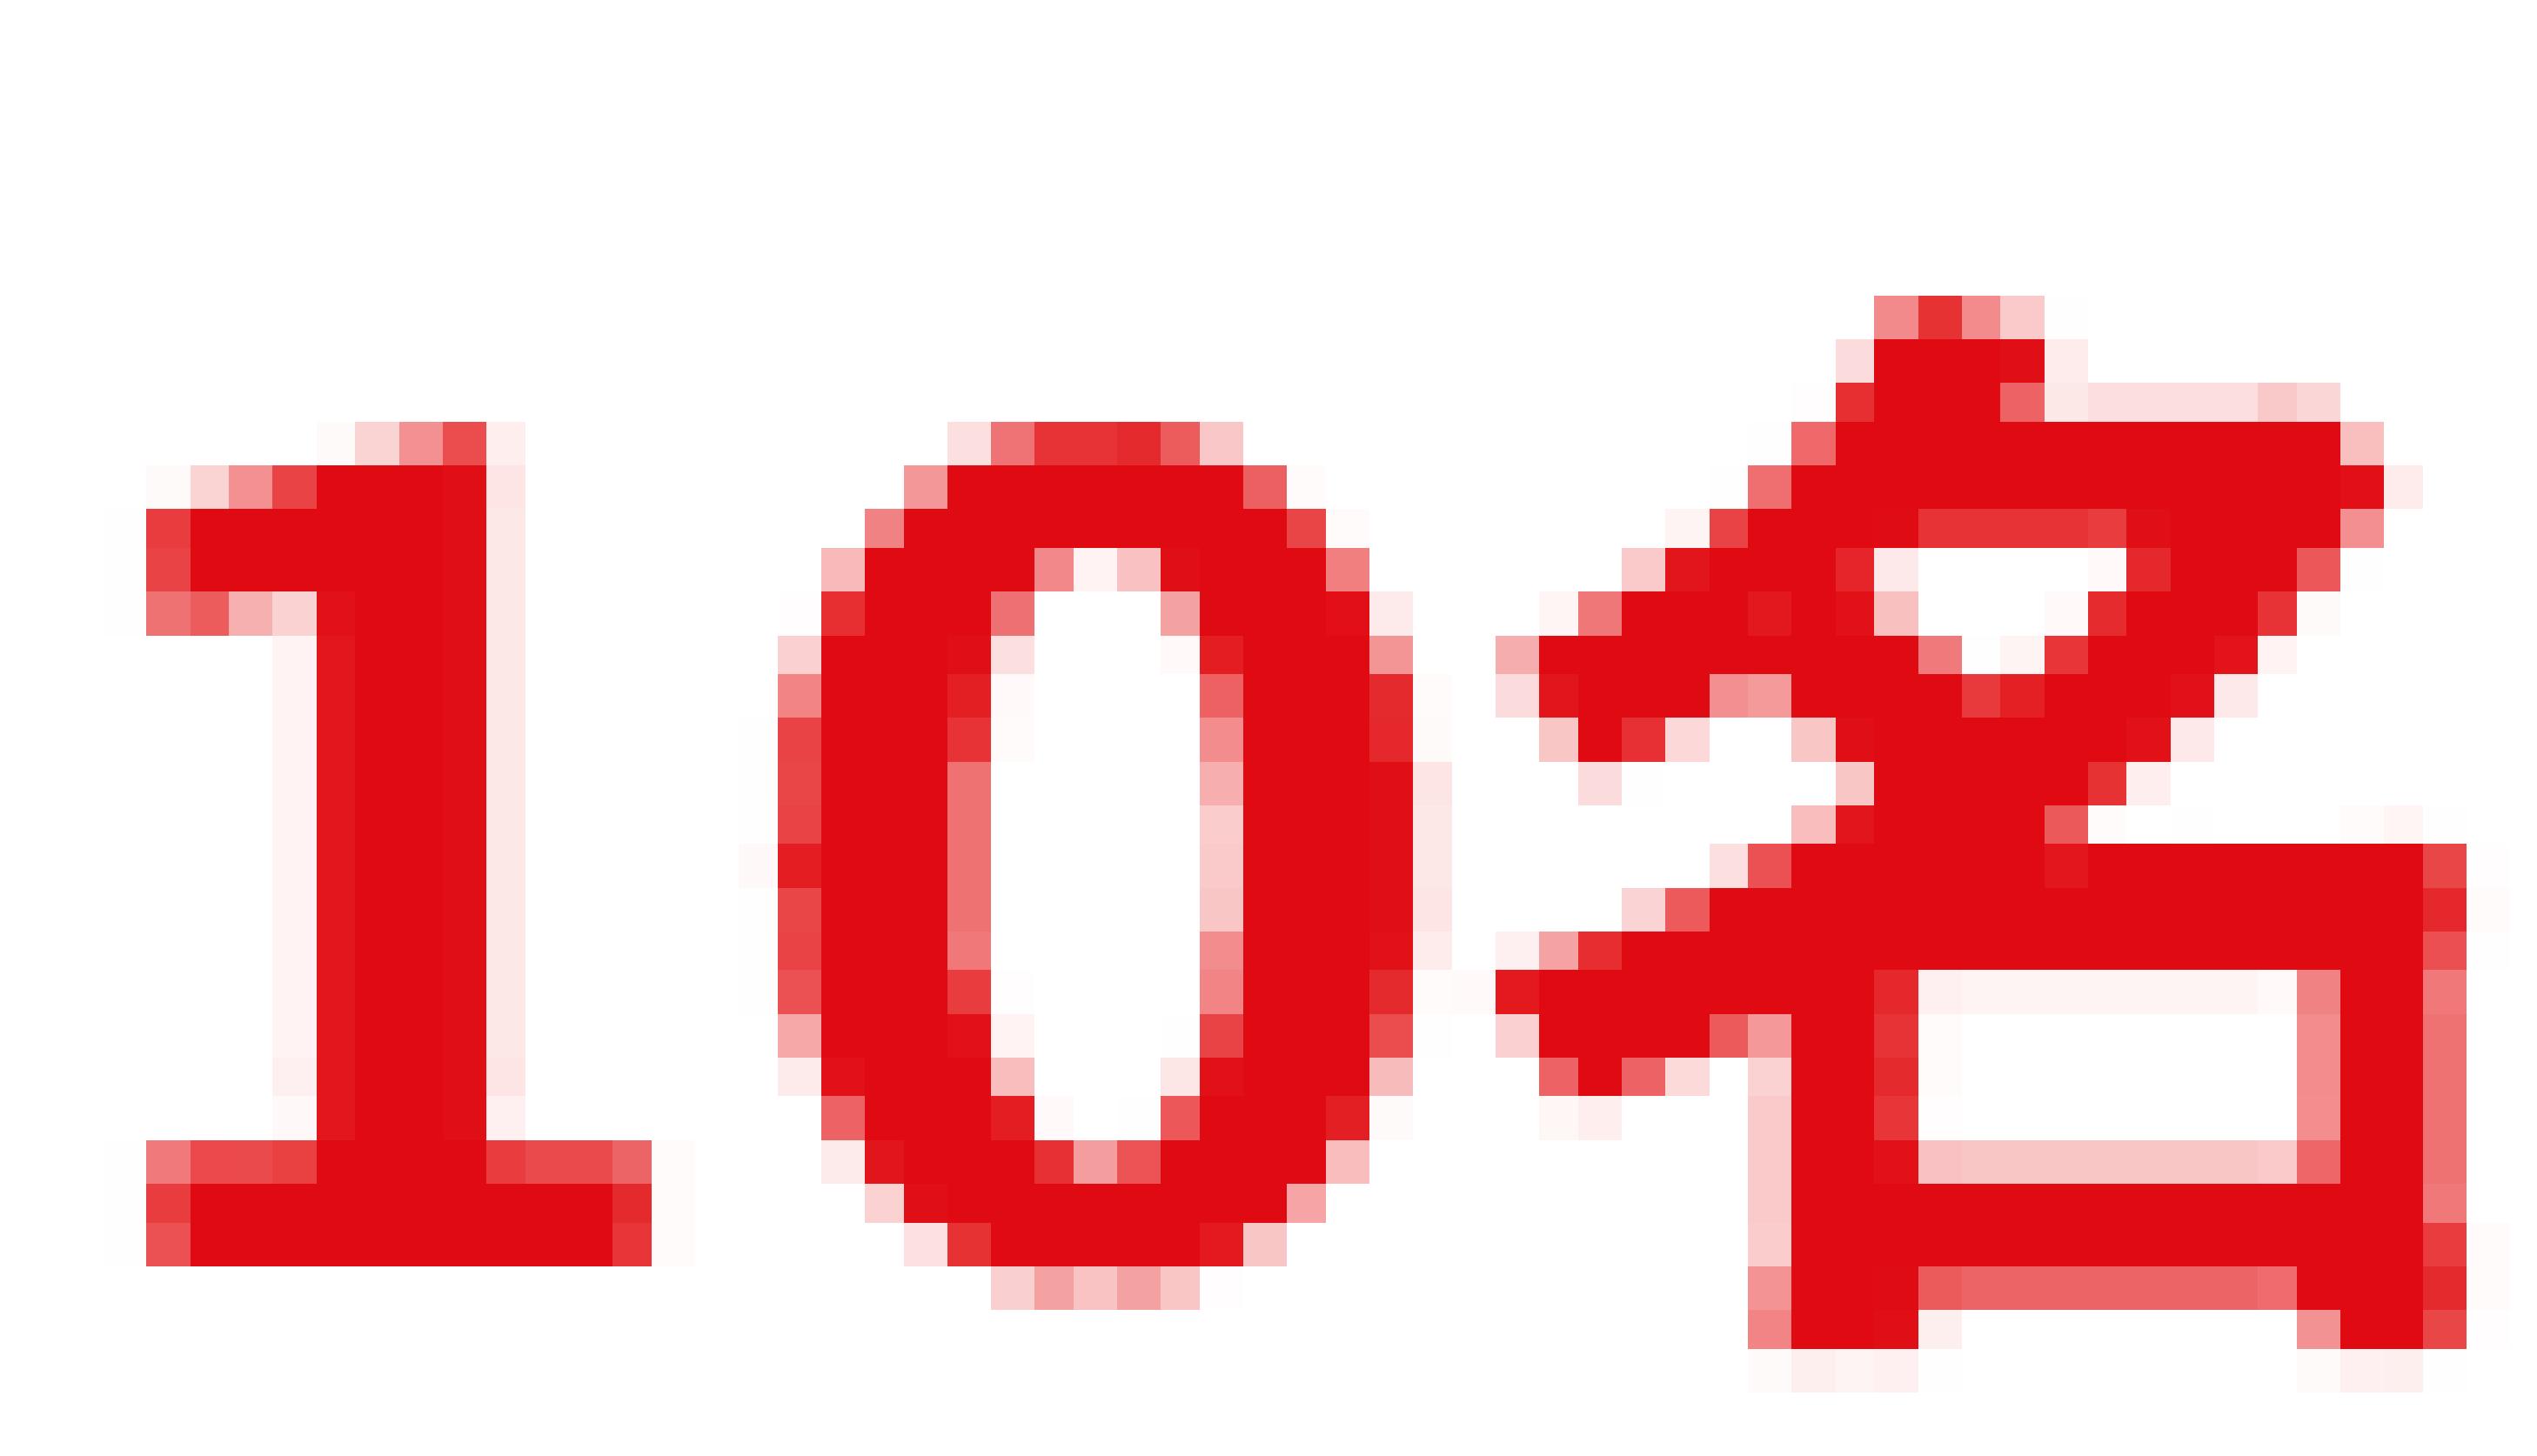 スクリーンショット 2015-01-26 19.06.17